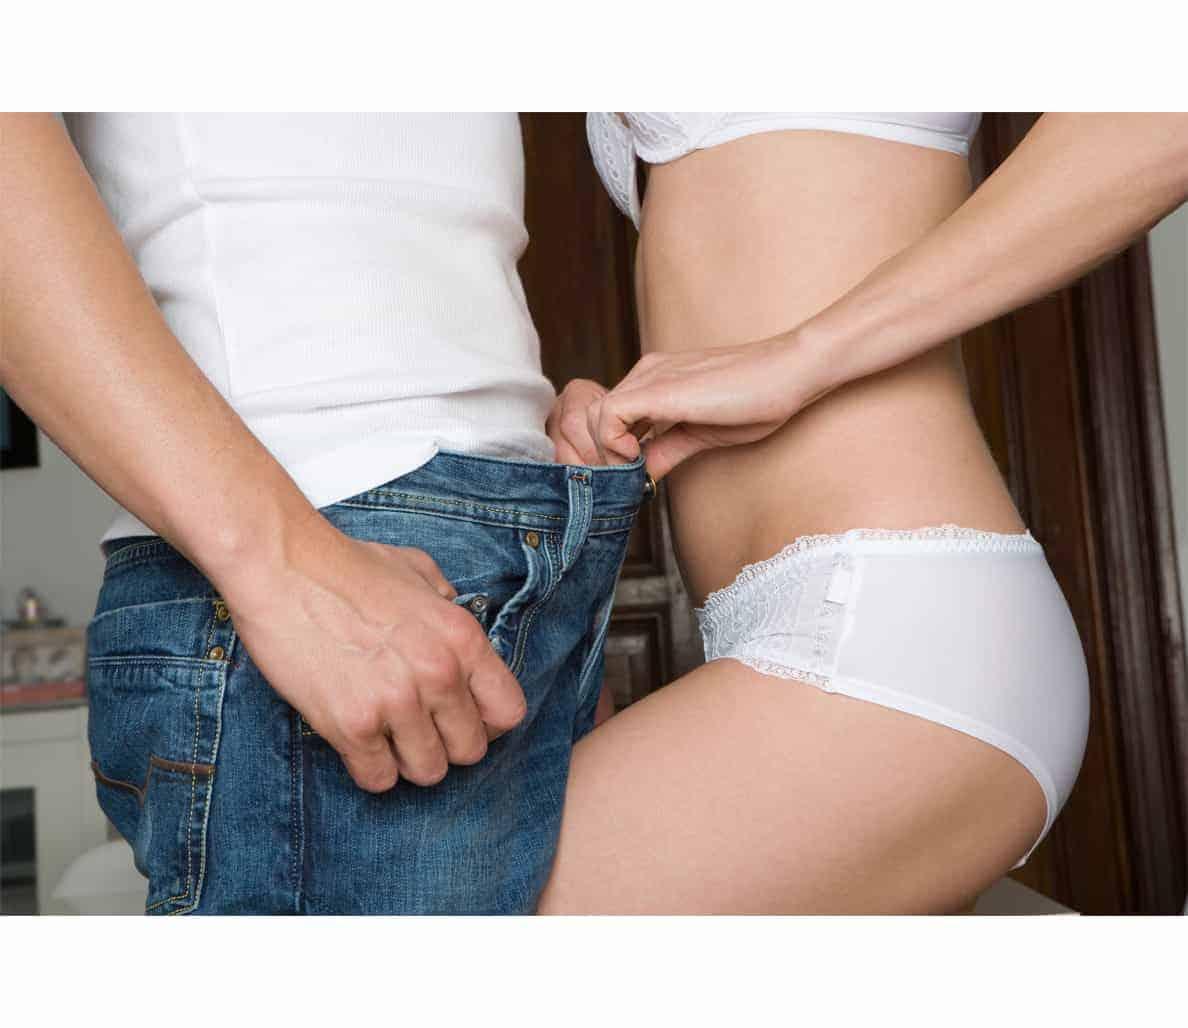 Kiderült, mekkora az ideális péniszméret a nők szerint | bubajbirtok.hu